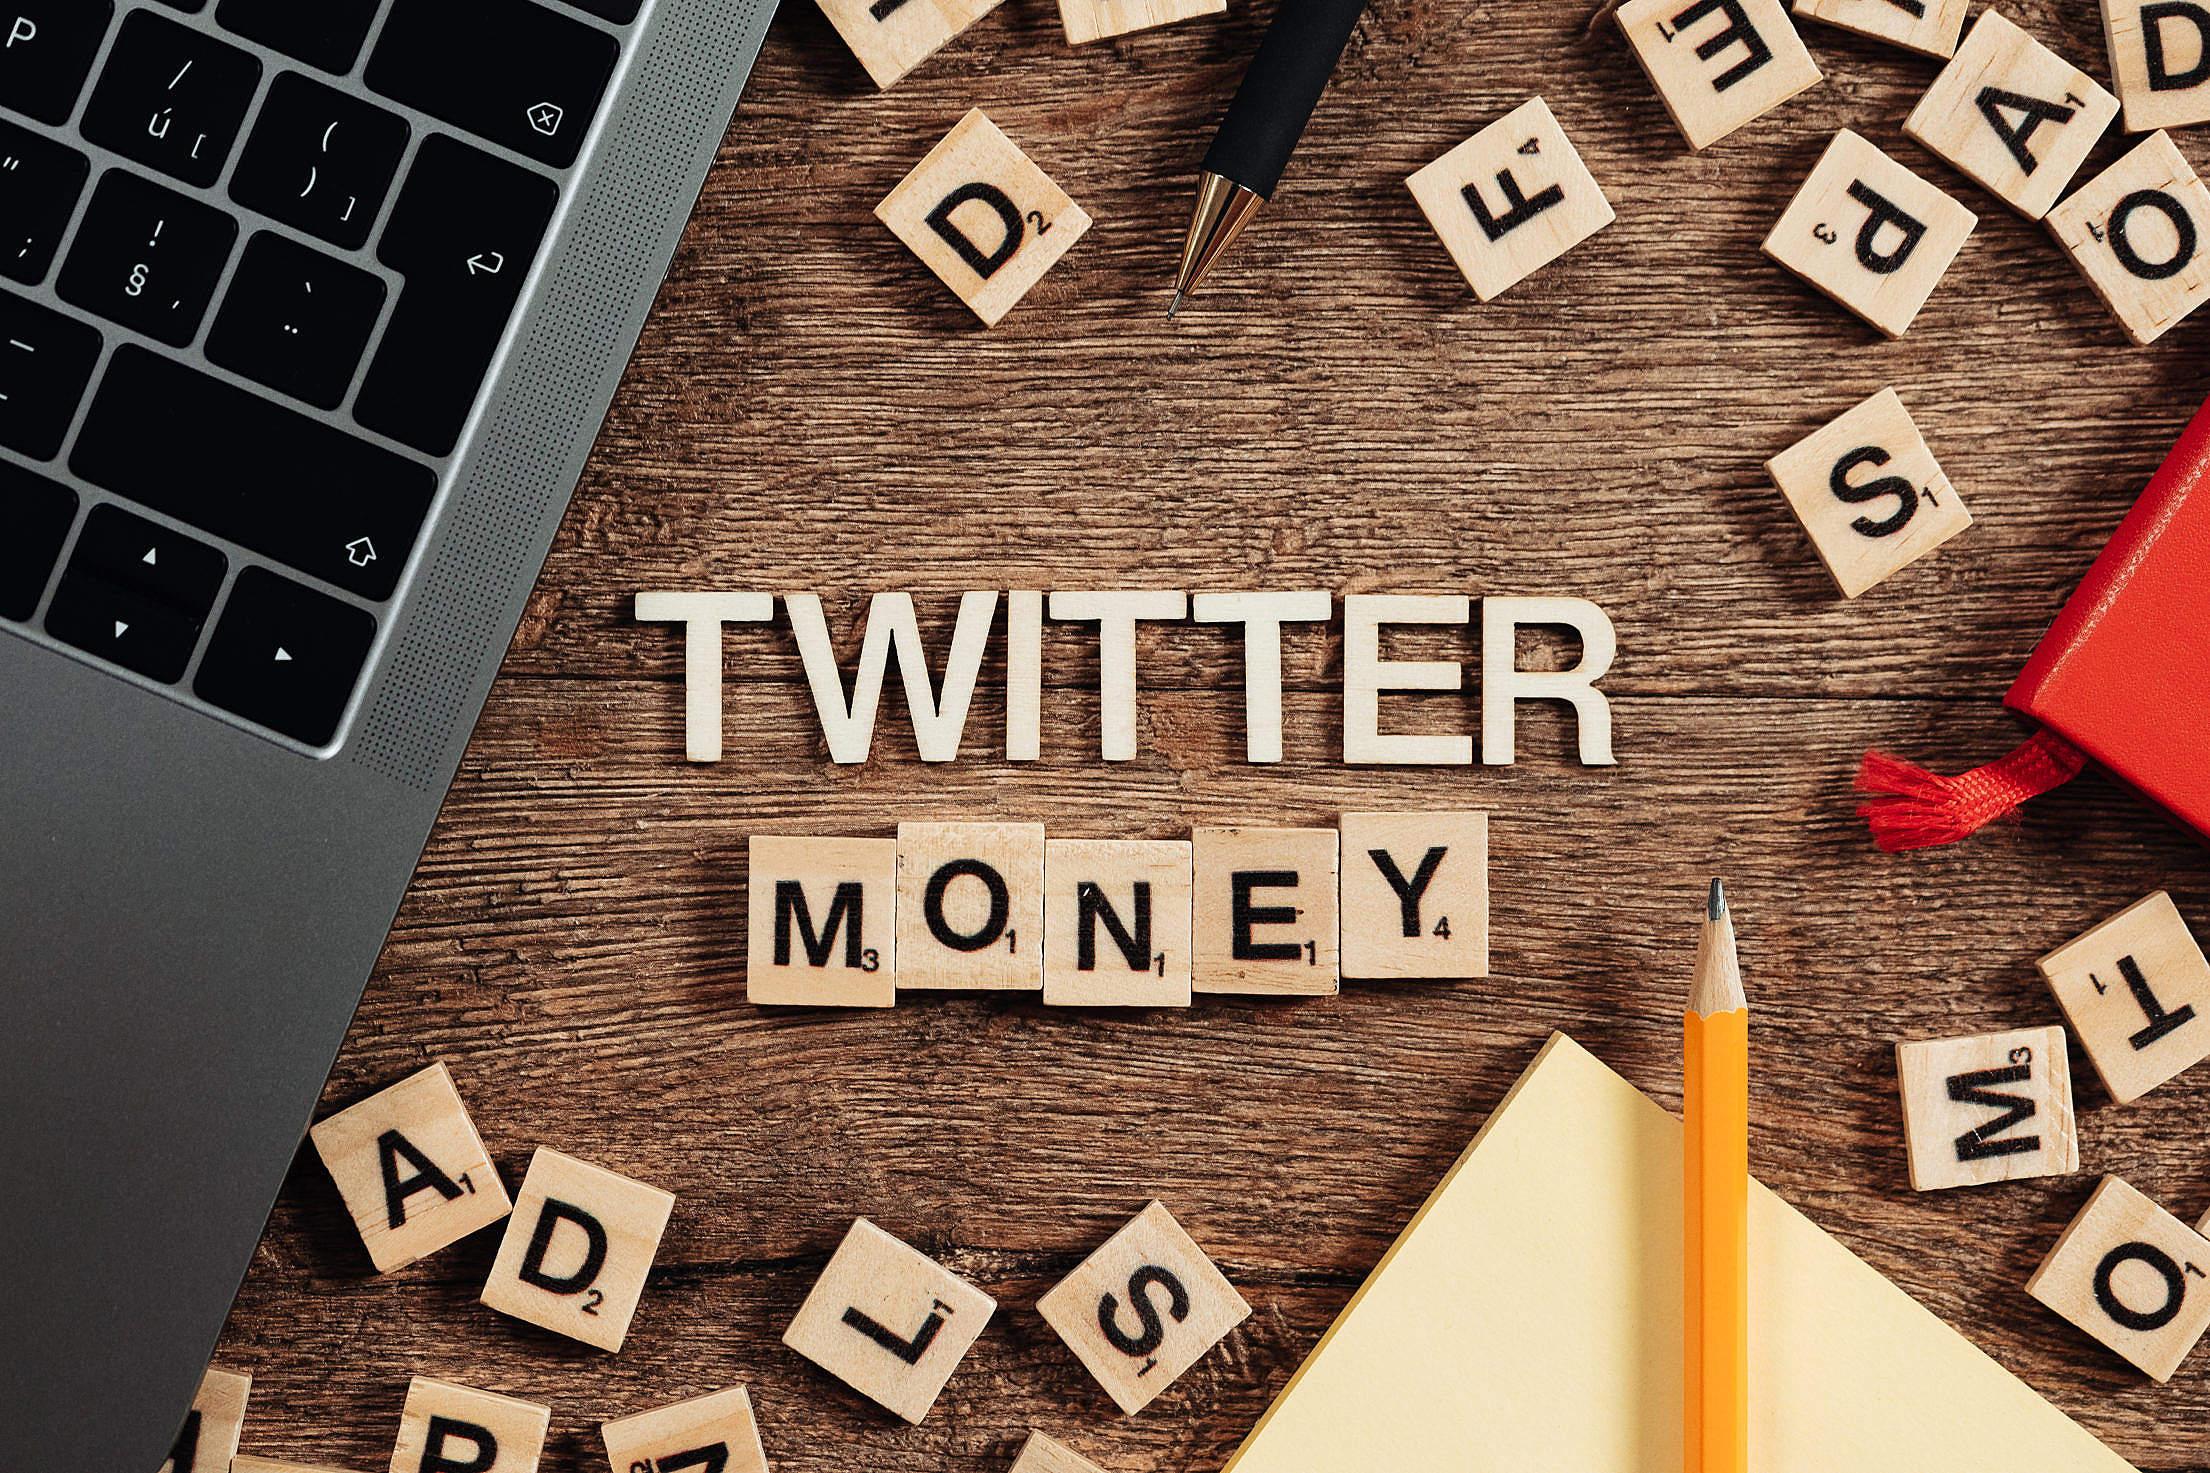 Twitter Money Free Stock Photo